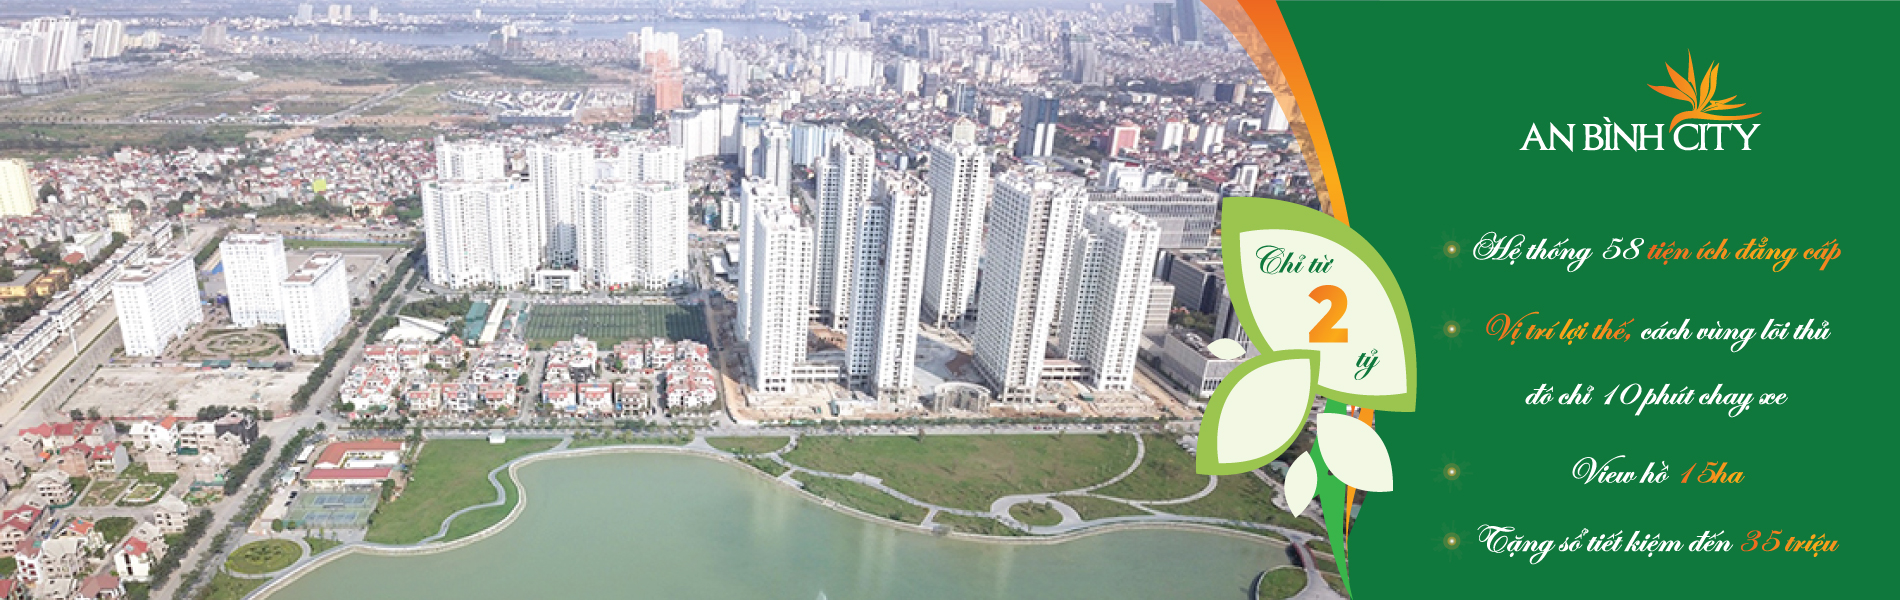 Chung cư An Bình City